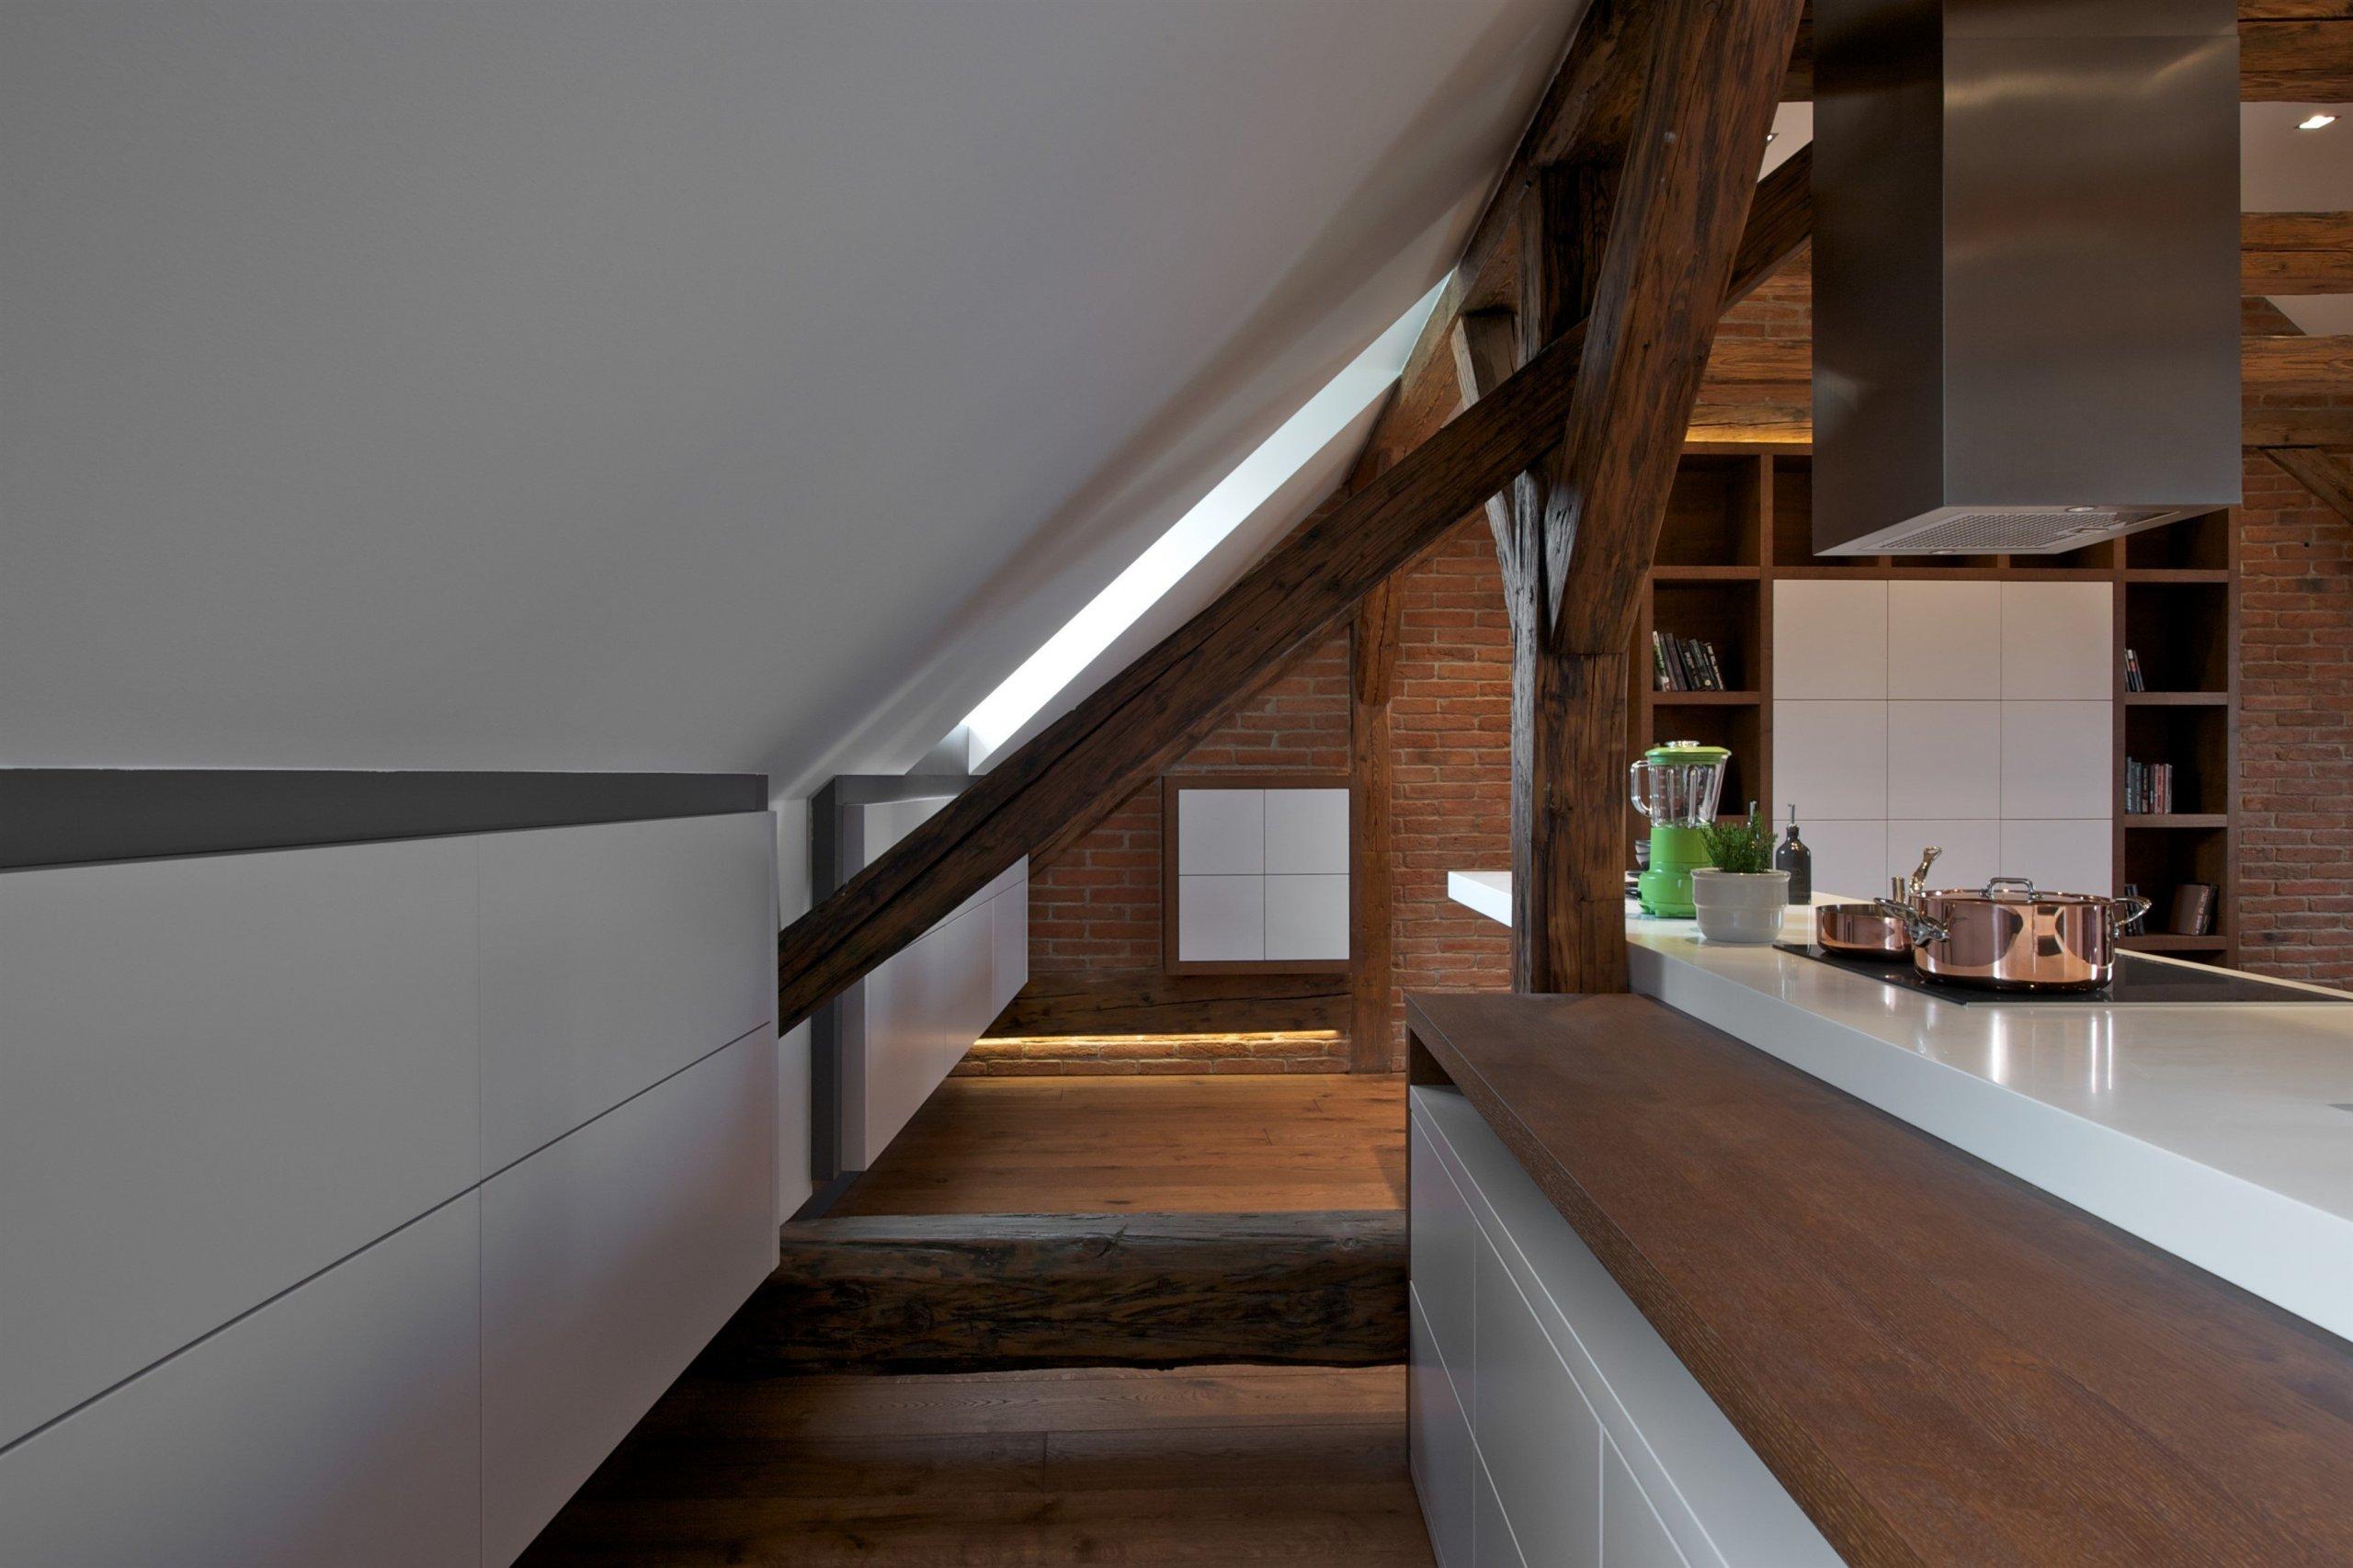 Byt pro mladý pár, Čecha a Američanku, vznikl vrámci komplexní rekonstrukce historického domu. Nevyužívaný půdní prostor skýtal možnost vestavby malého,…